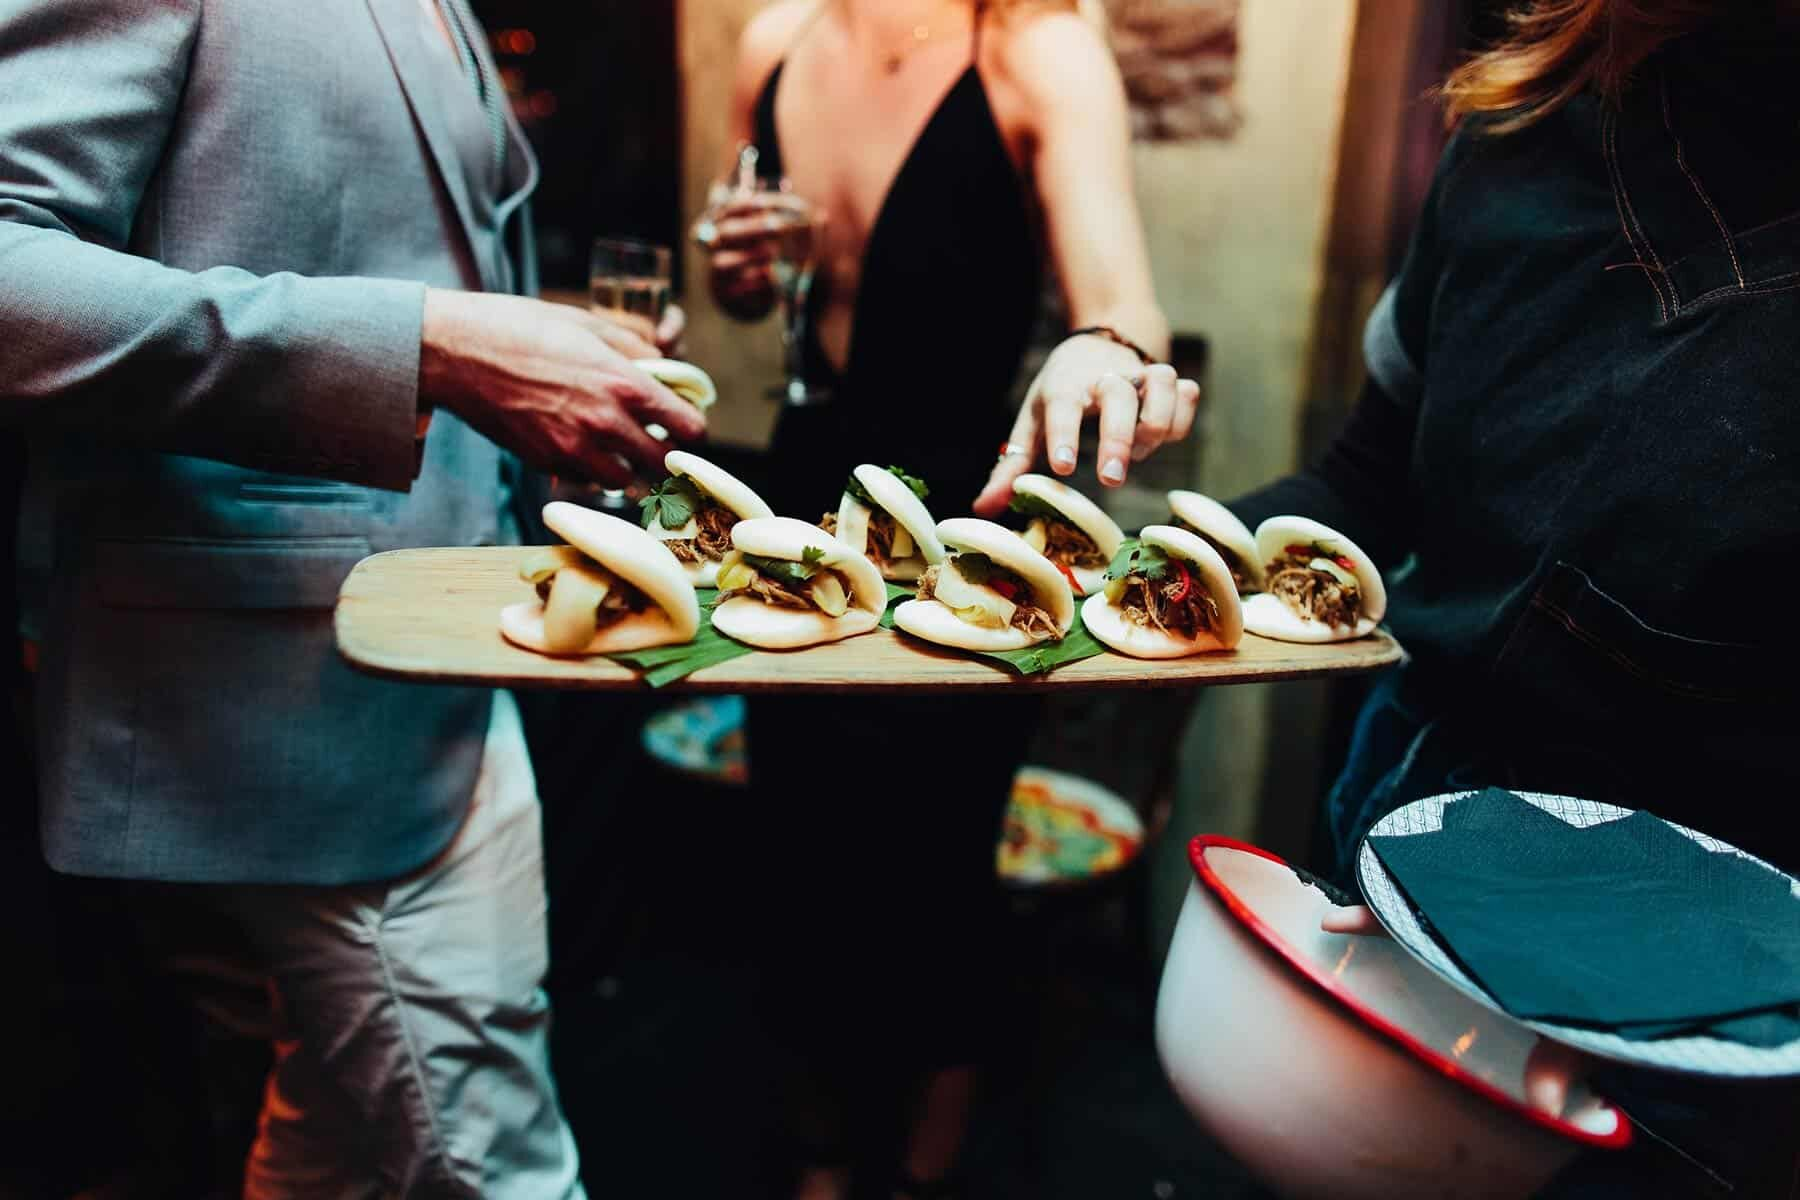 bao buns wedding canapes